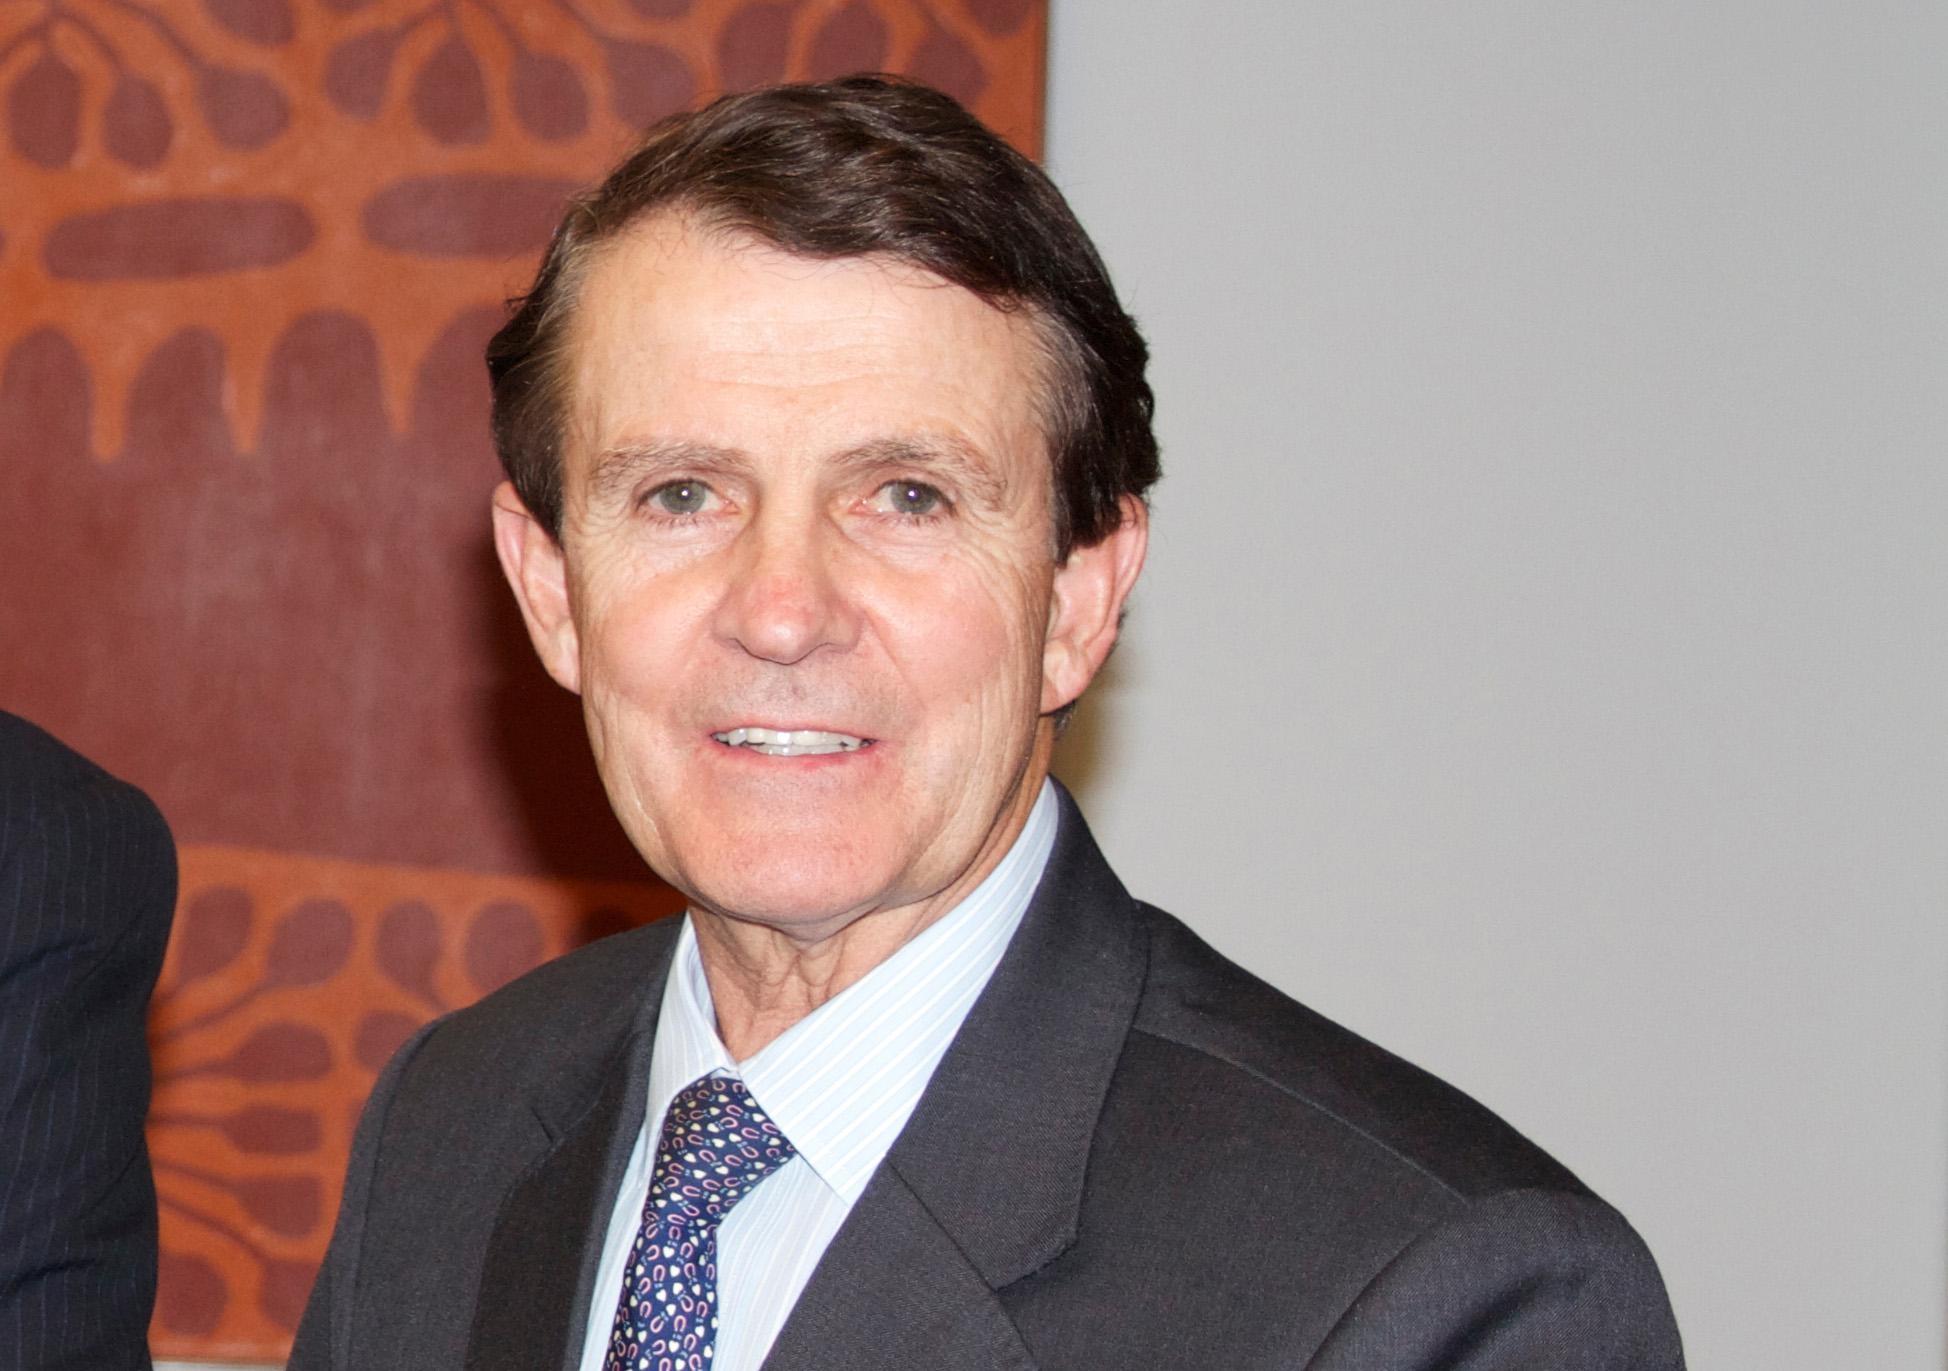 Denis Wakefield